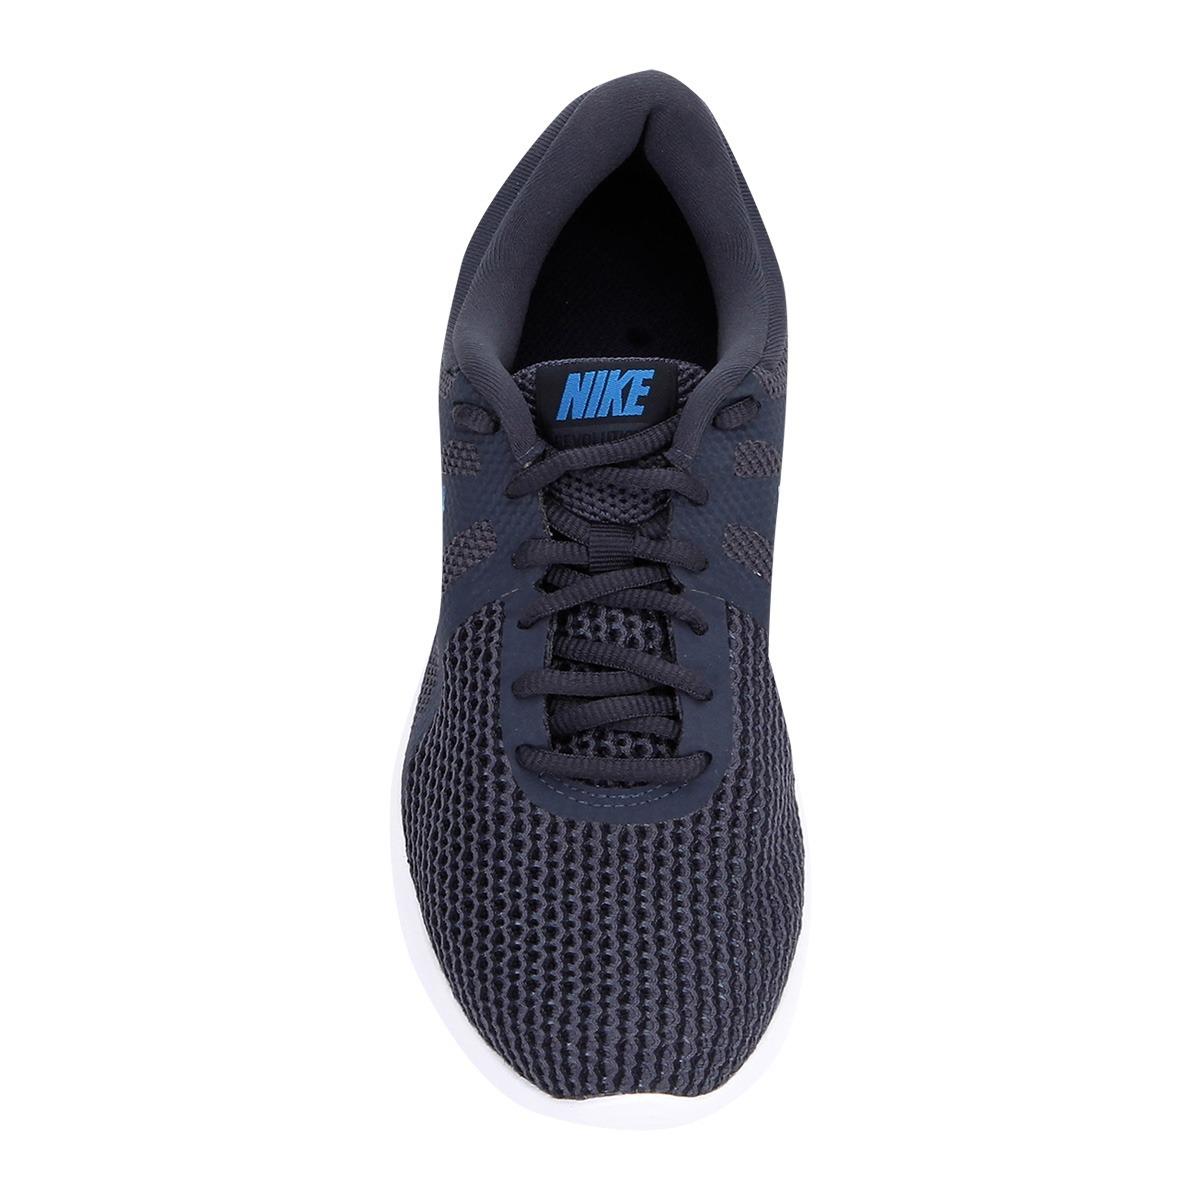 94c9284413 Tênis Nike Wmns Revolution 4 Feminino - R  200